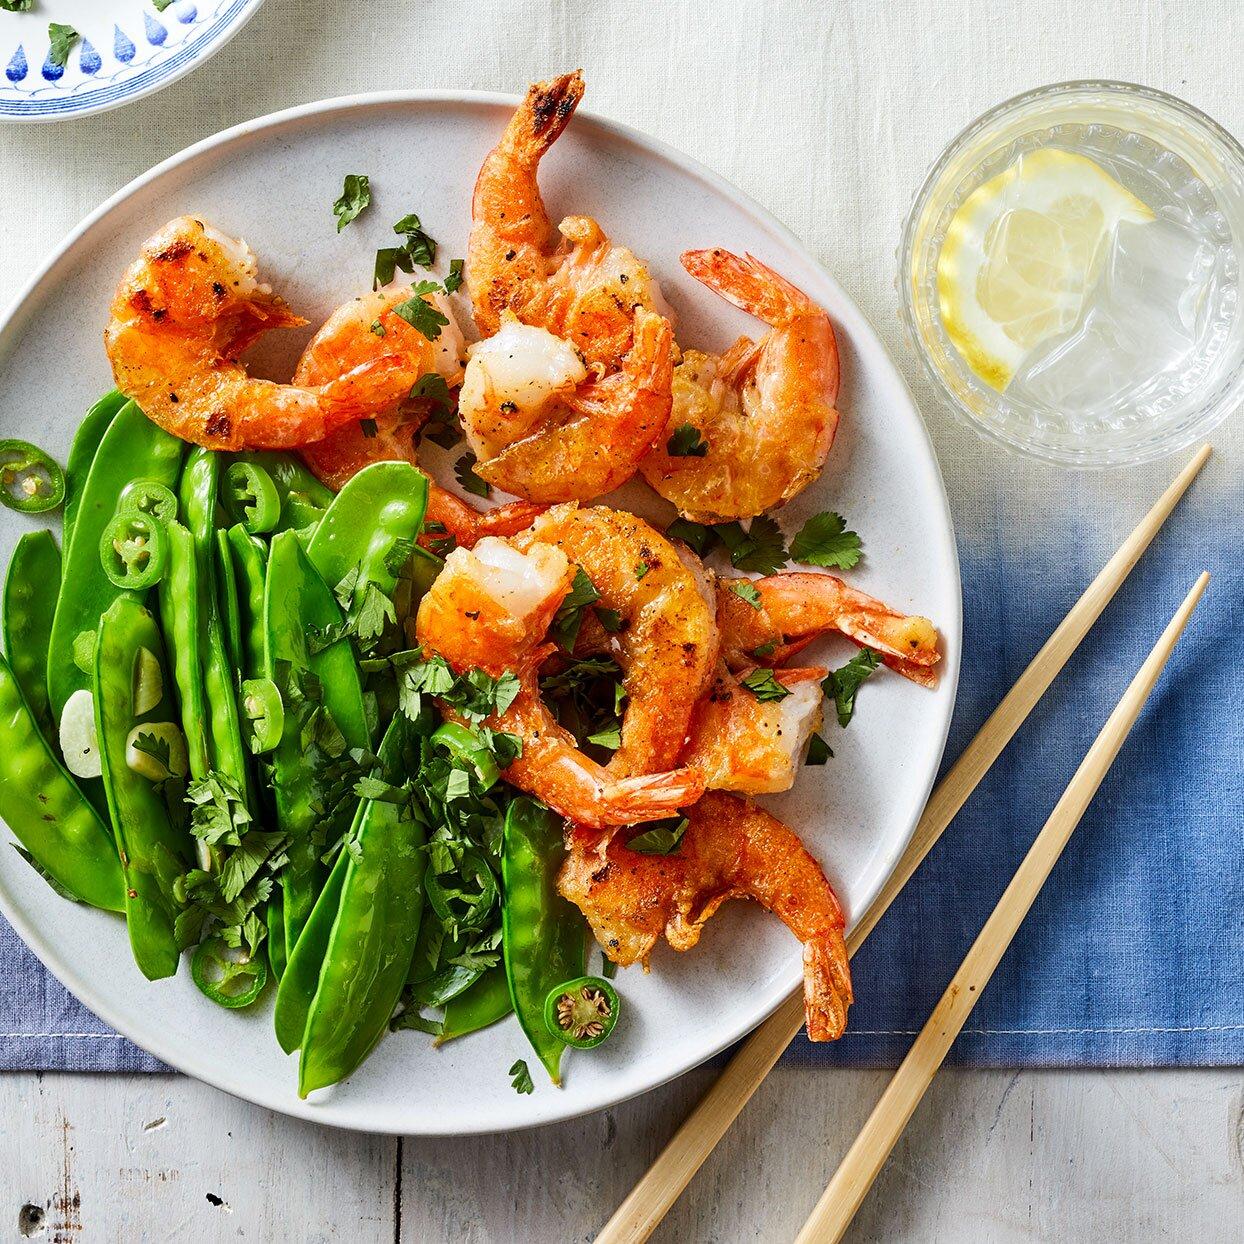 Salt & Pepper Shrimp with Snow Peas